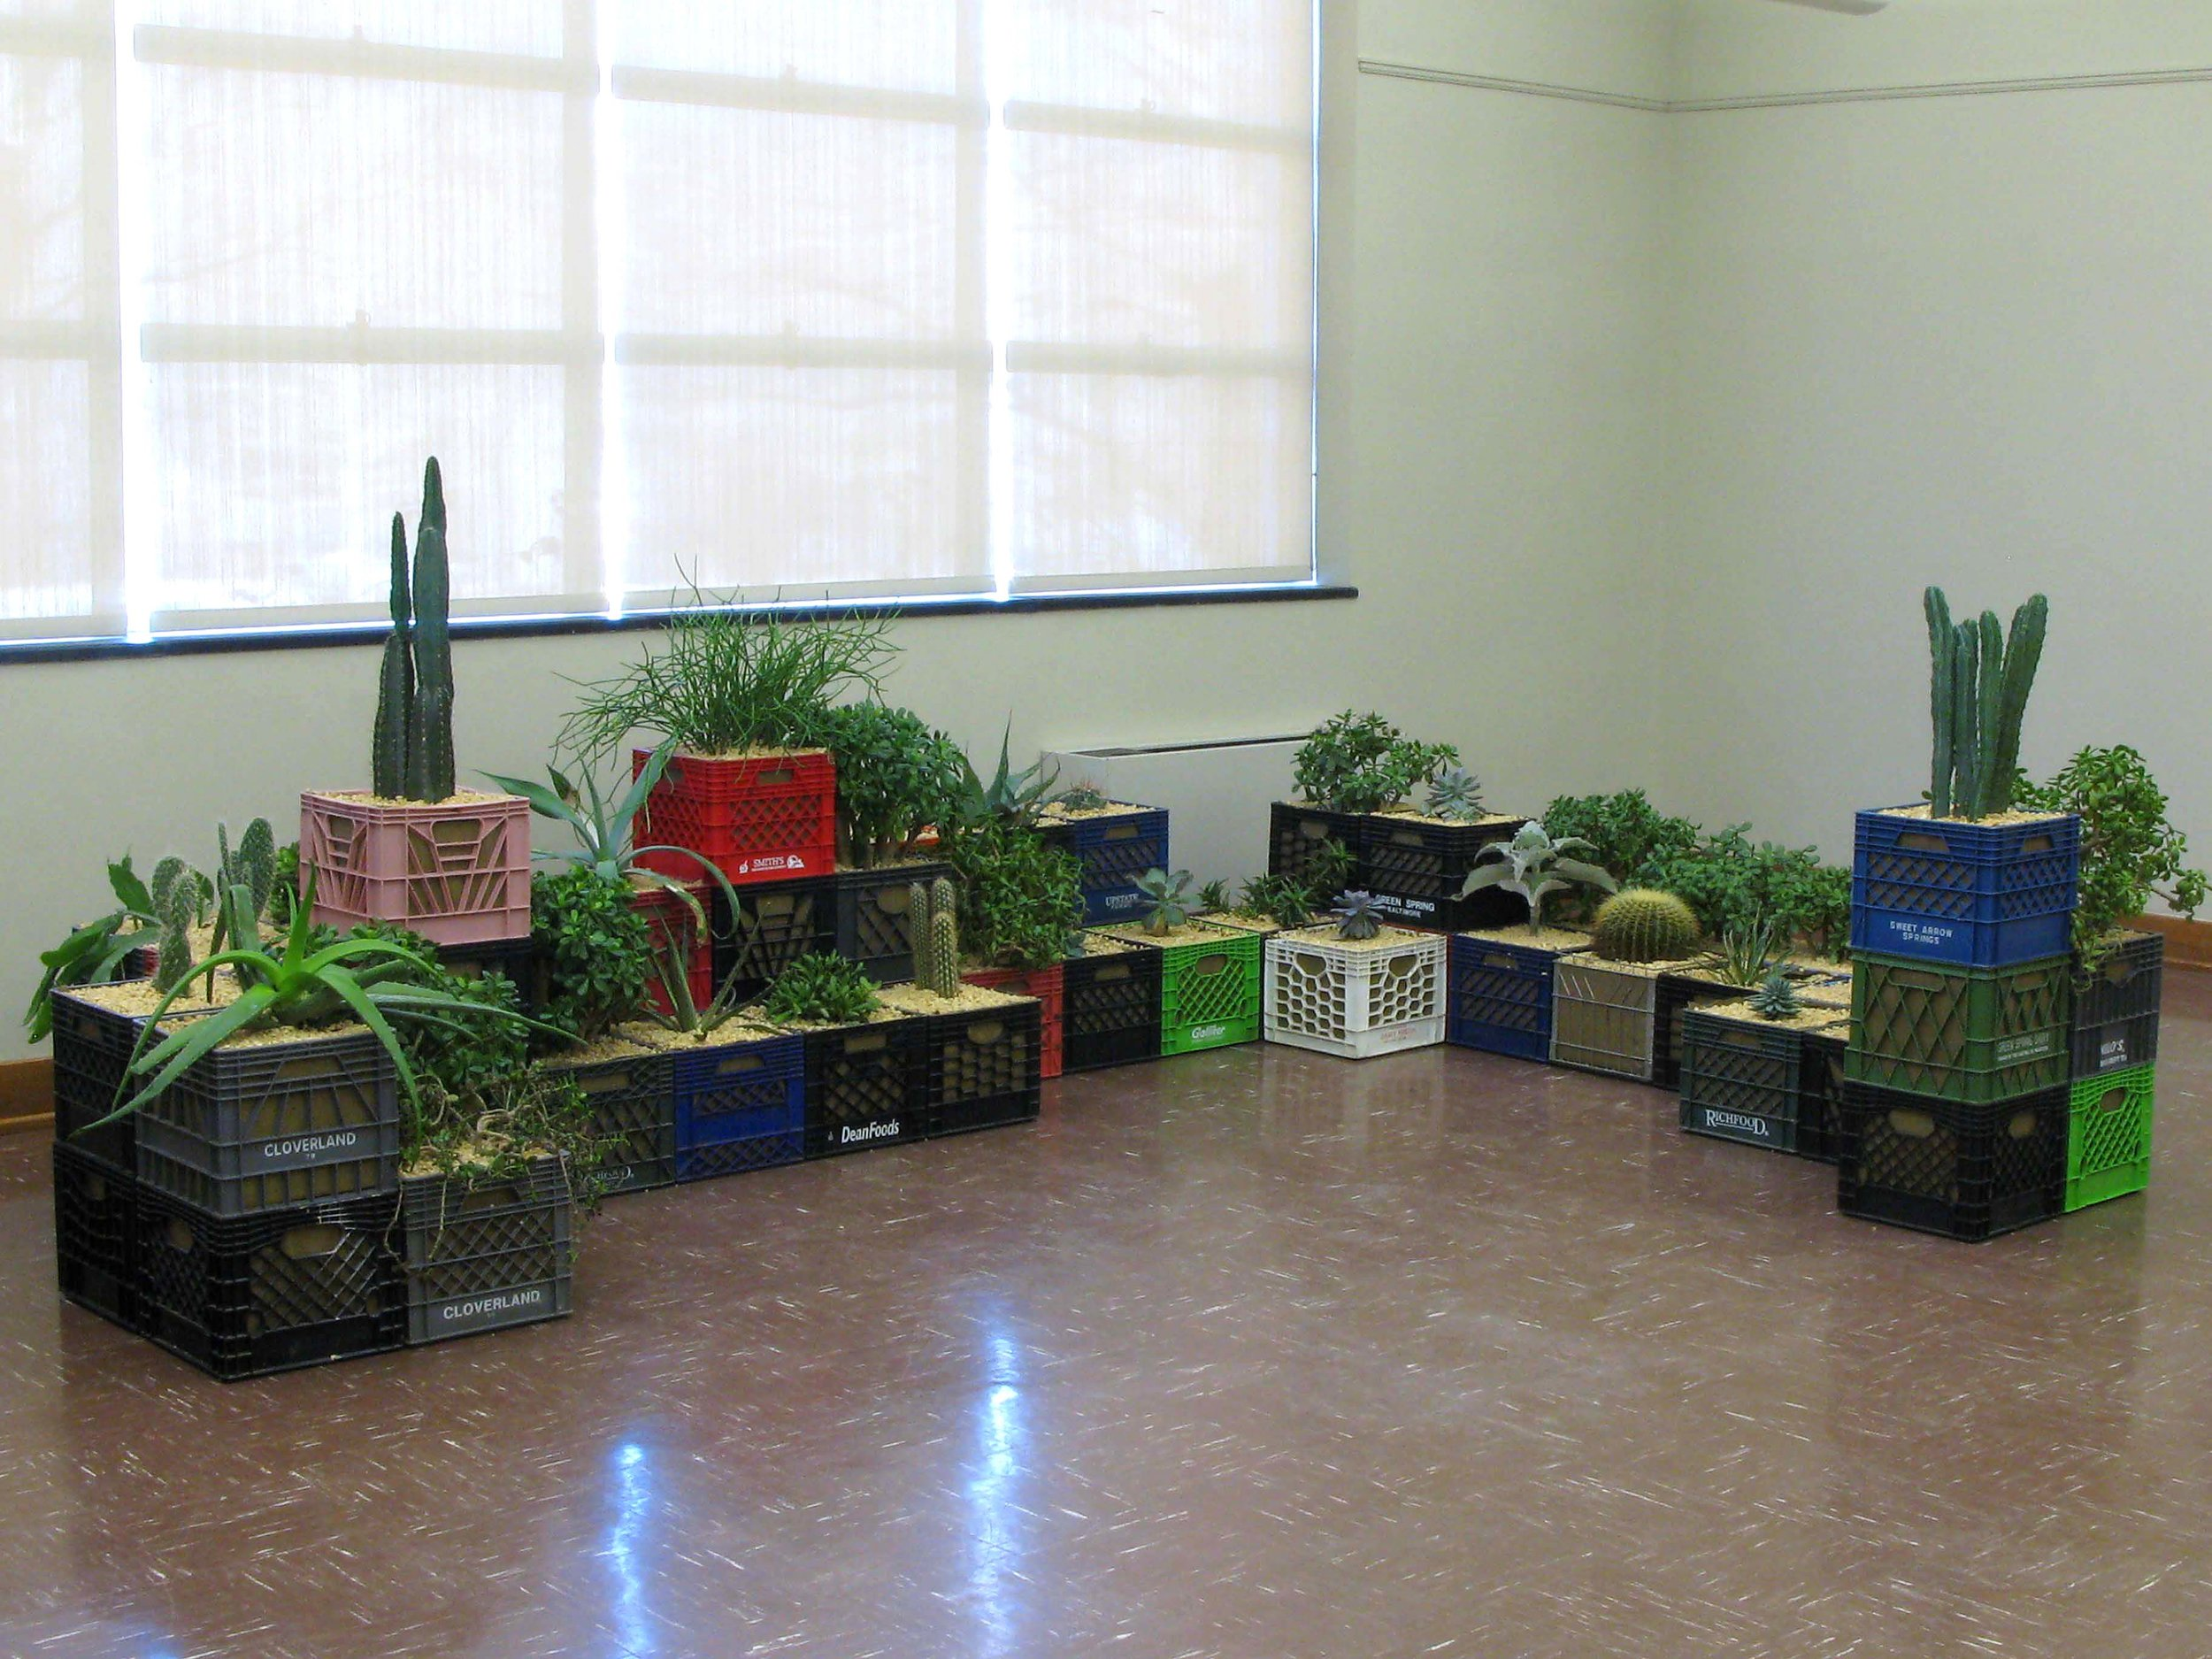 Pioneers  / 2008 / Milk crates, burlap, gravel, soil, succulent plants / 5' x 14' x 10'